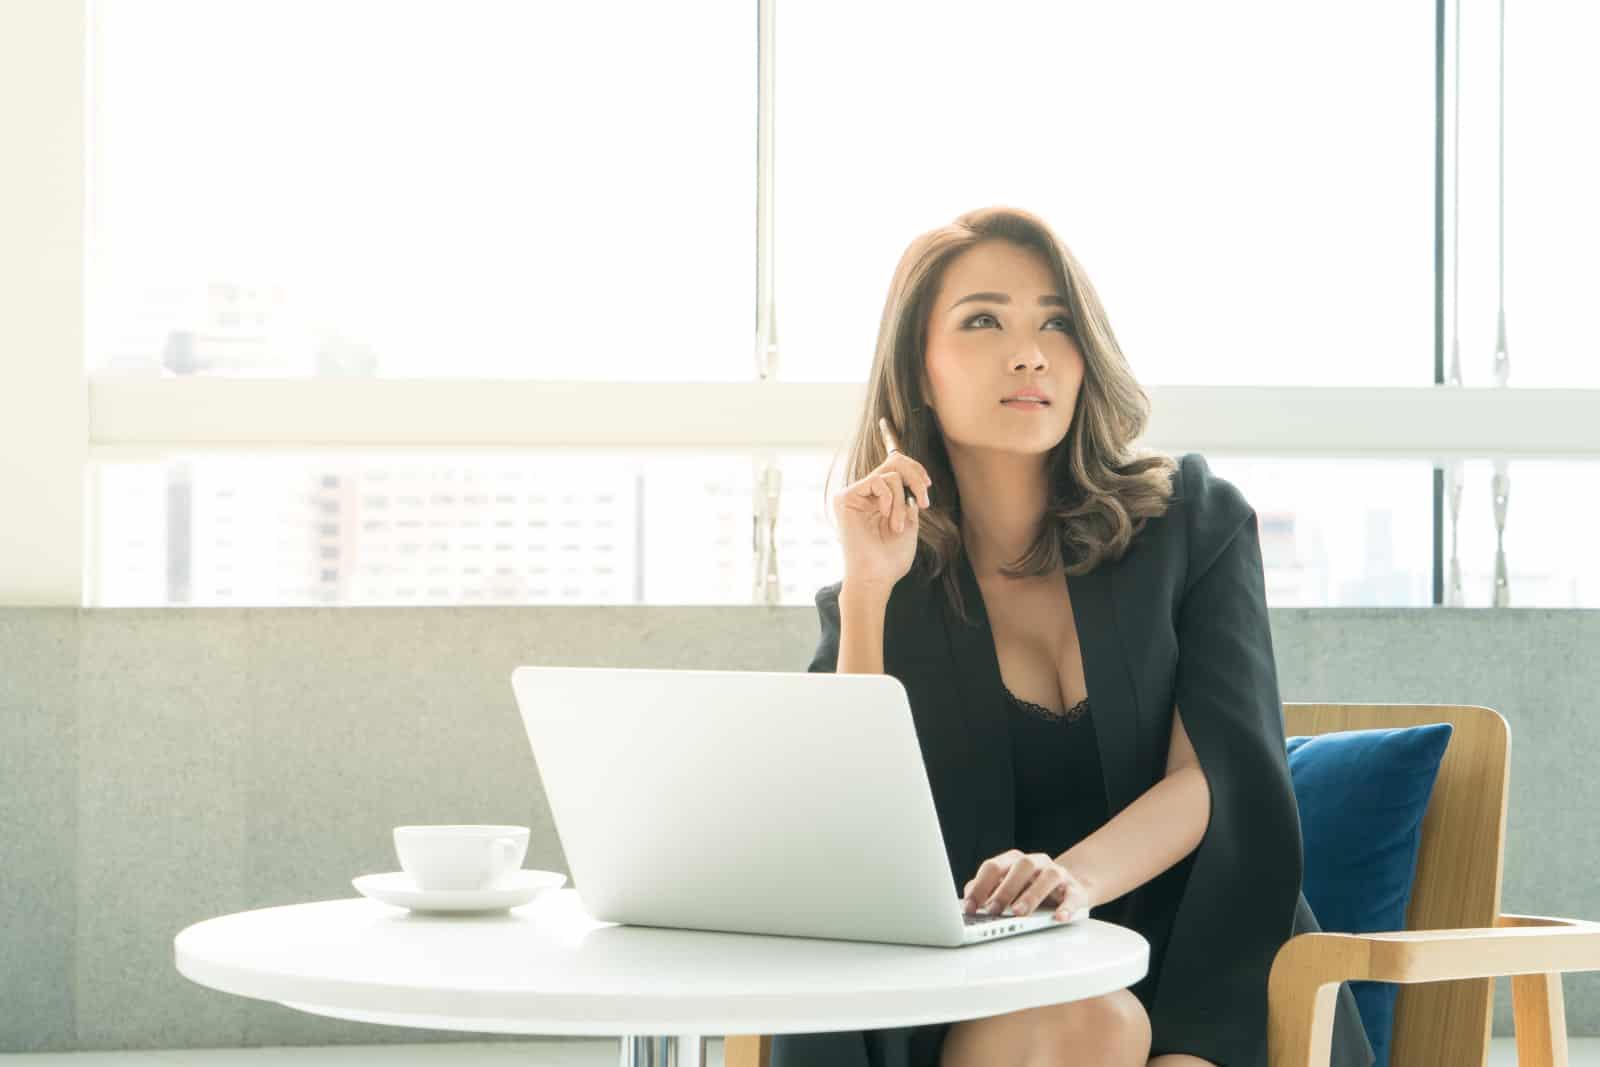 une jolie jeune fille travaille sur un ordinateur portable